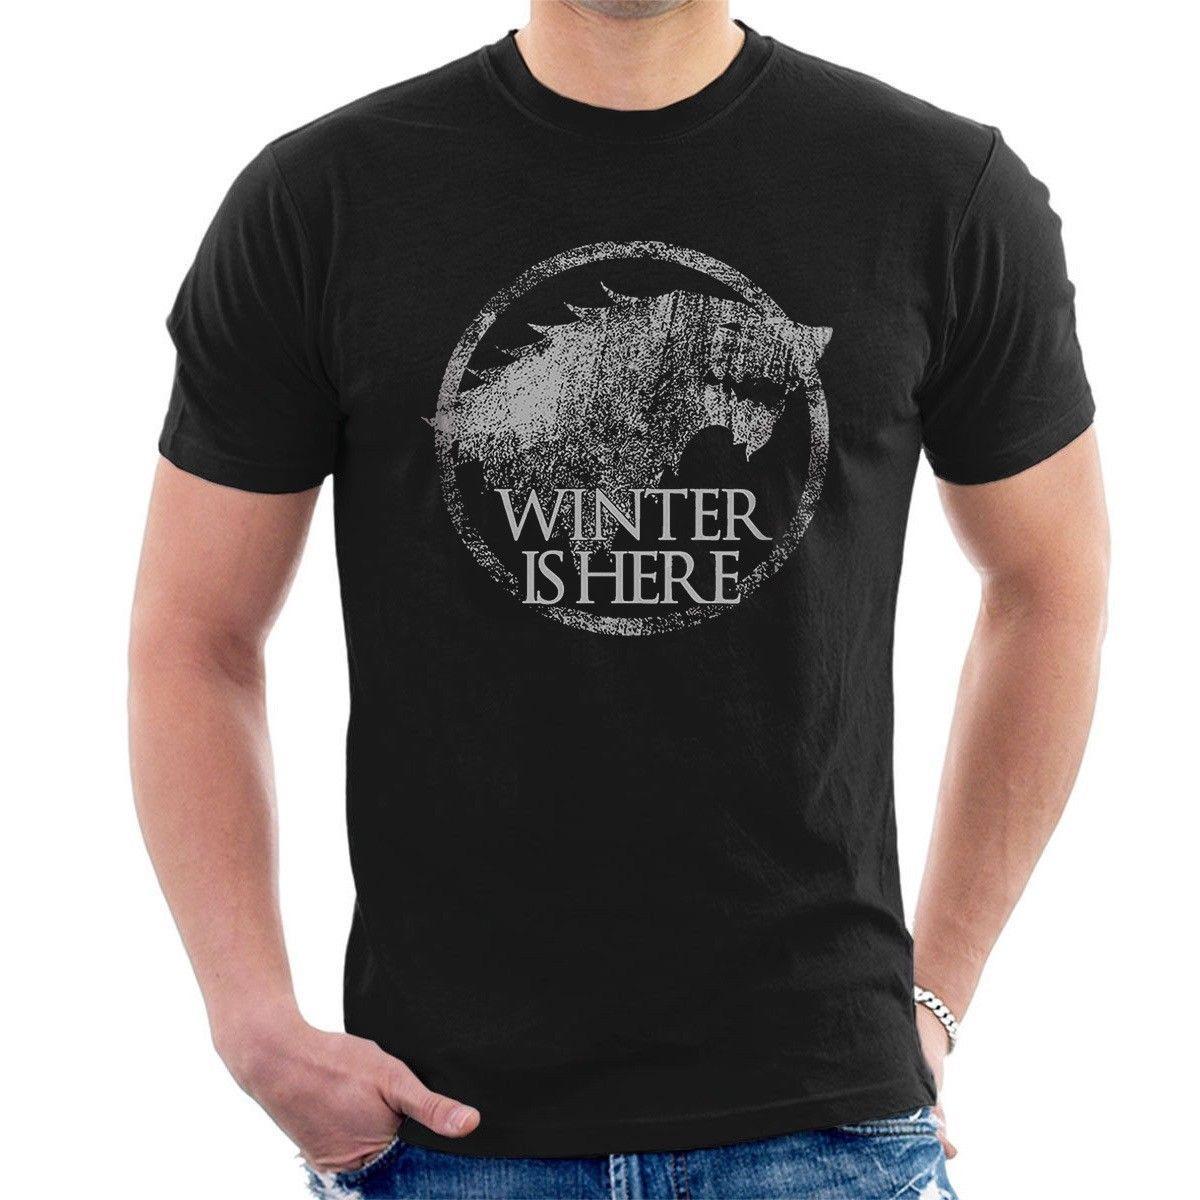 Kış Burada Stark Olduğunu T Gömlek Gece Kral Jon Kar Got Oyun Thrones Inspired Serin Rahat Gurur T Gömlek Erkekler Unisex Yeni Moda